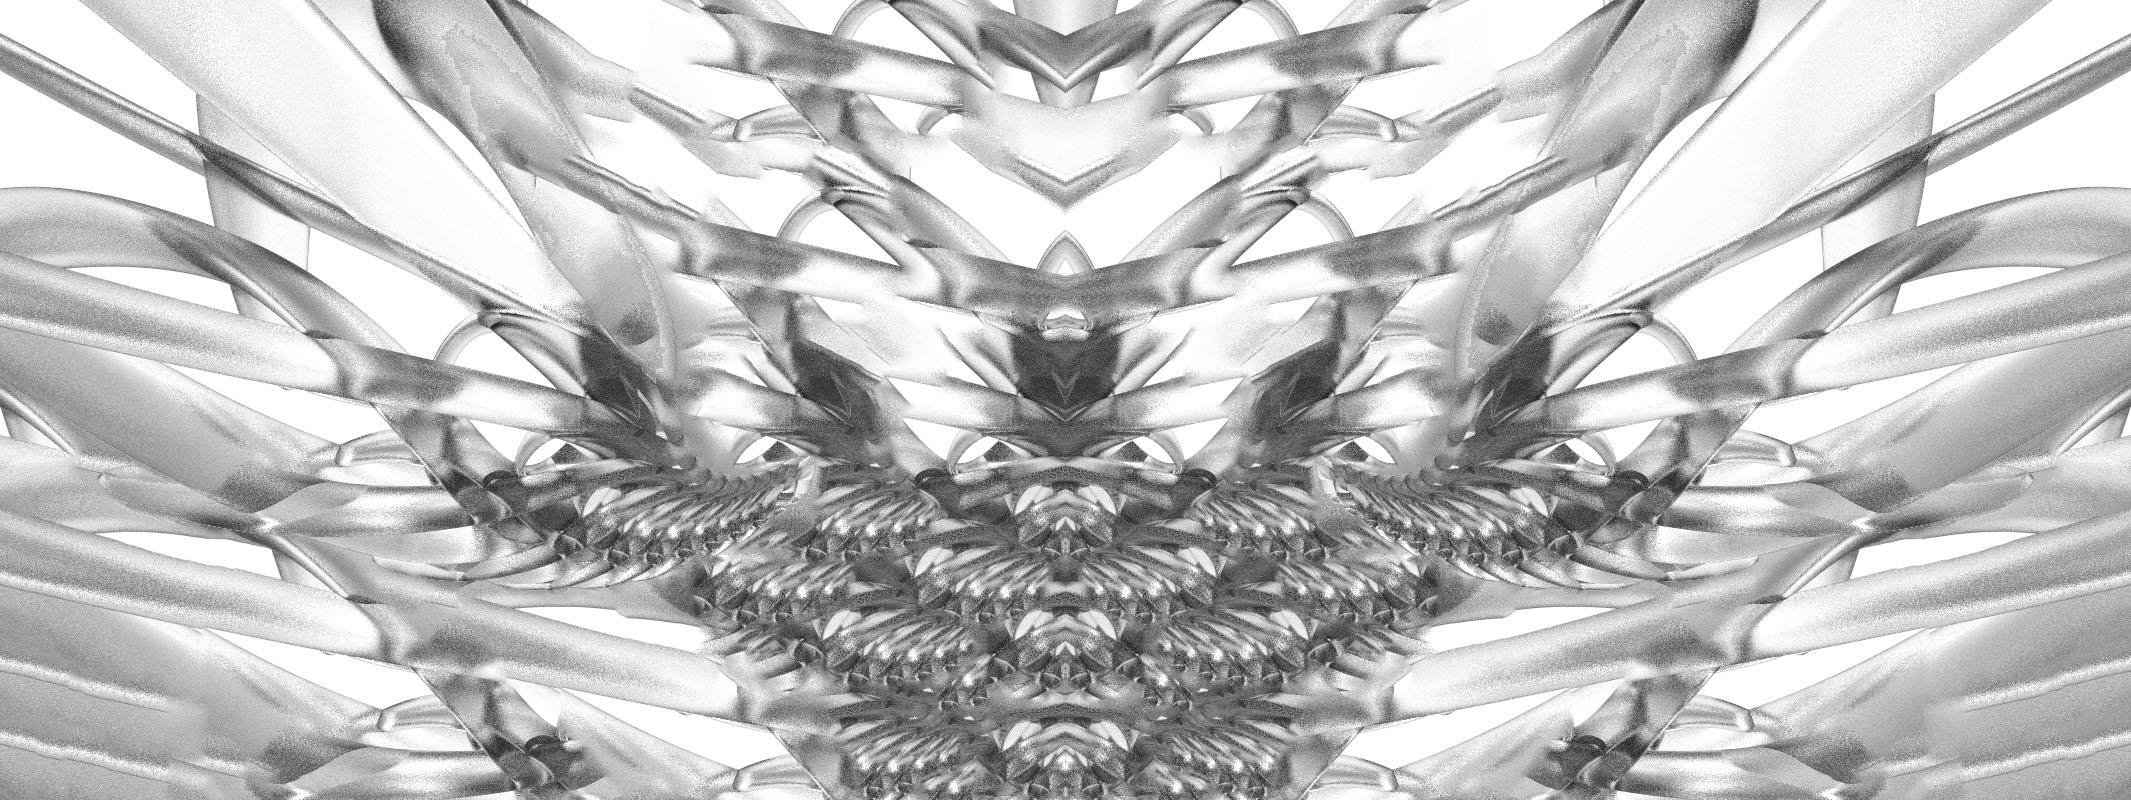 species13.jpg